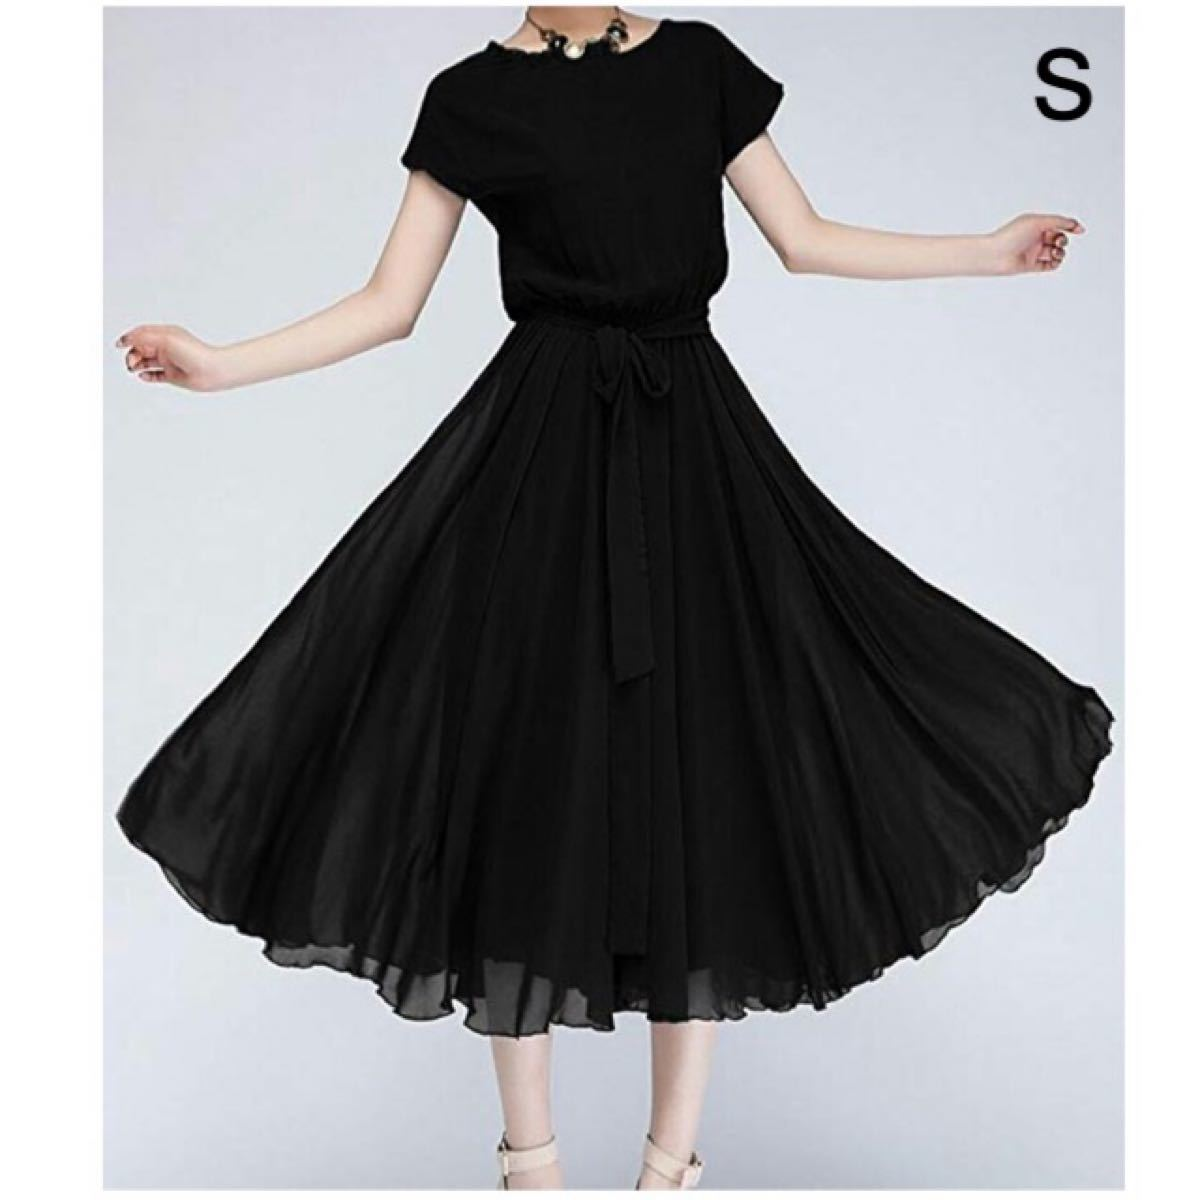 ワンピース フォーマル ウエスト リボン ロング ドレス 半袖 ブラック 黒 S